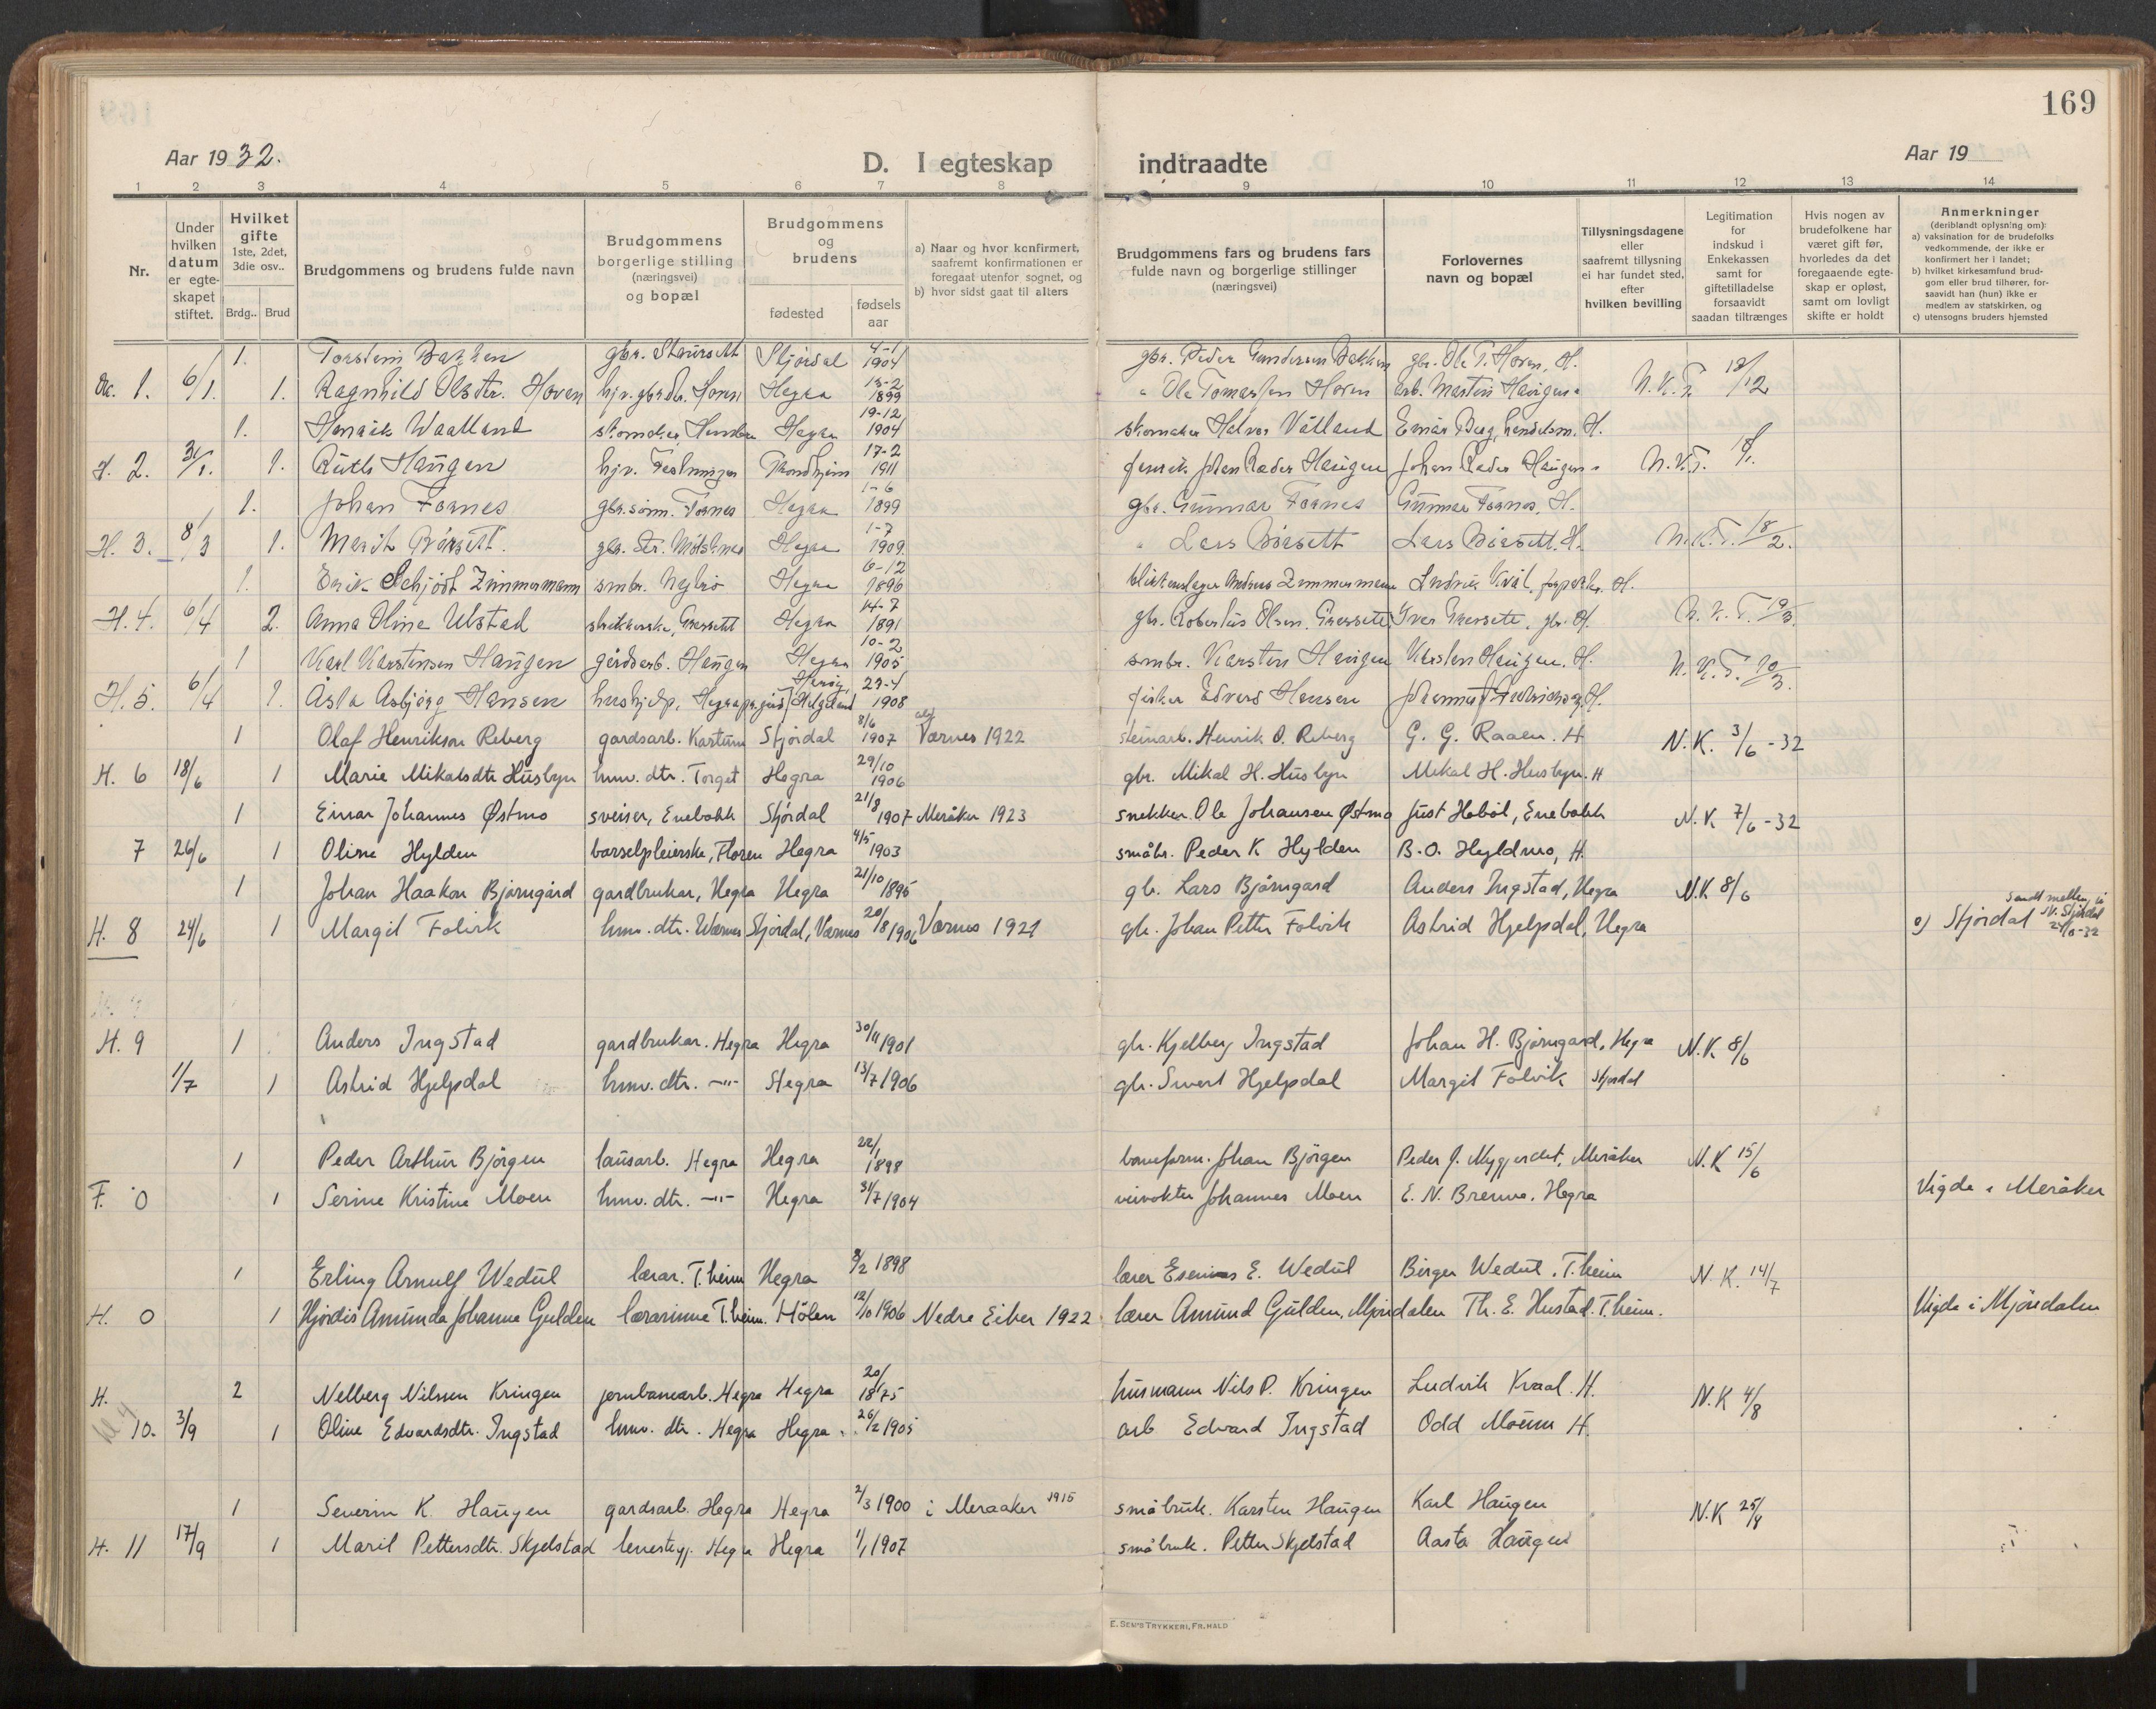 SAT, Ministerialprotokoller, klokkerbøker og fødselsregistre - Nord-Trøndelag, 703/L0037: Parish register (official) no. 703A10, 1915-1932, p. 169